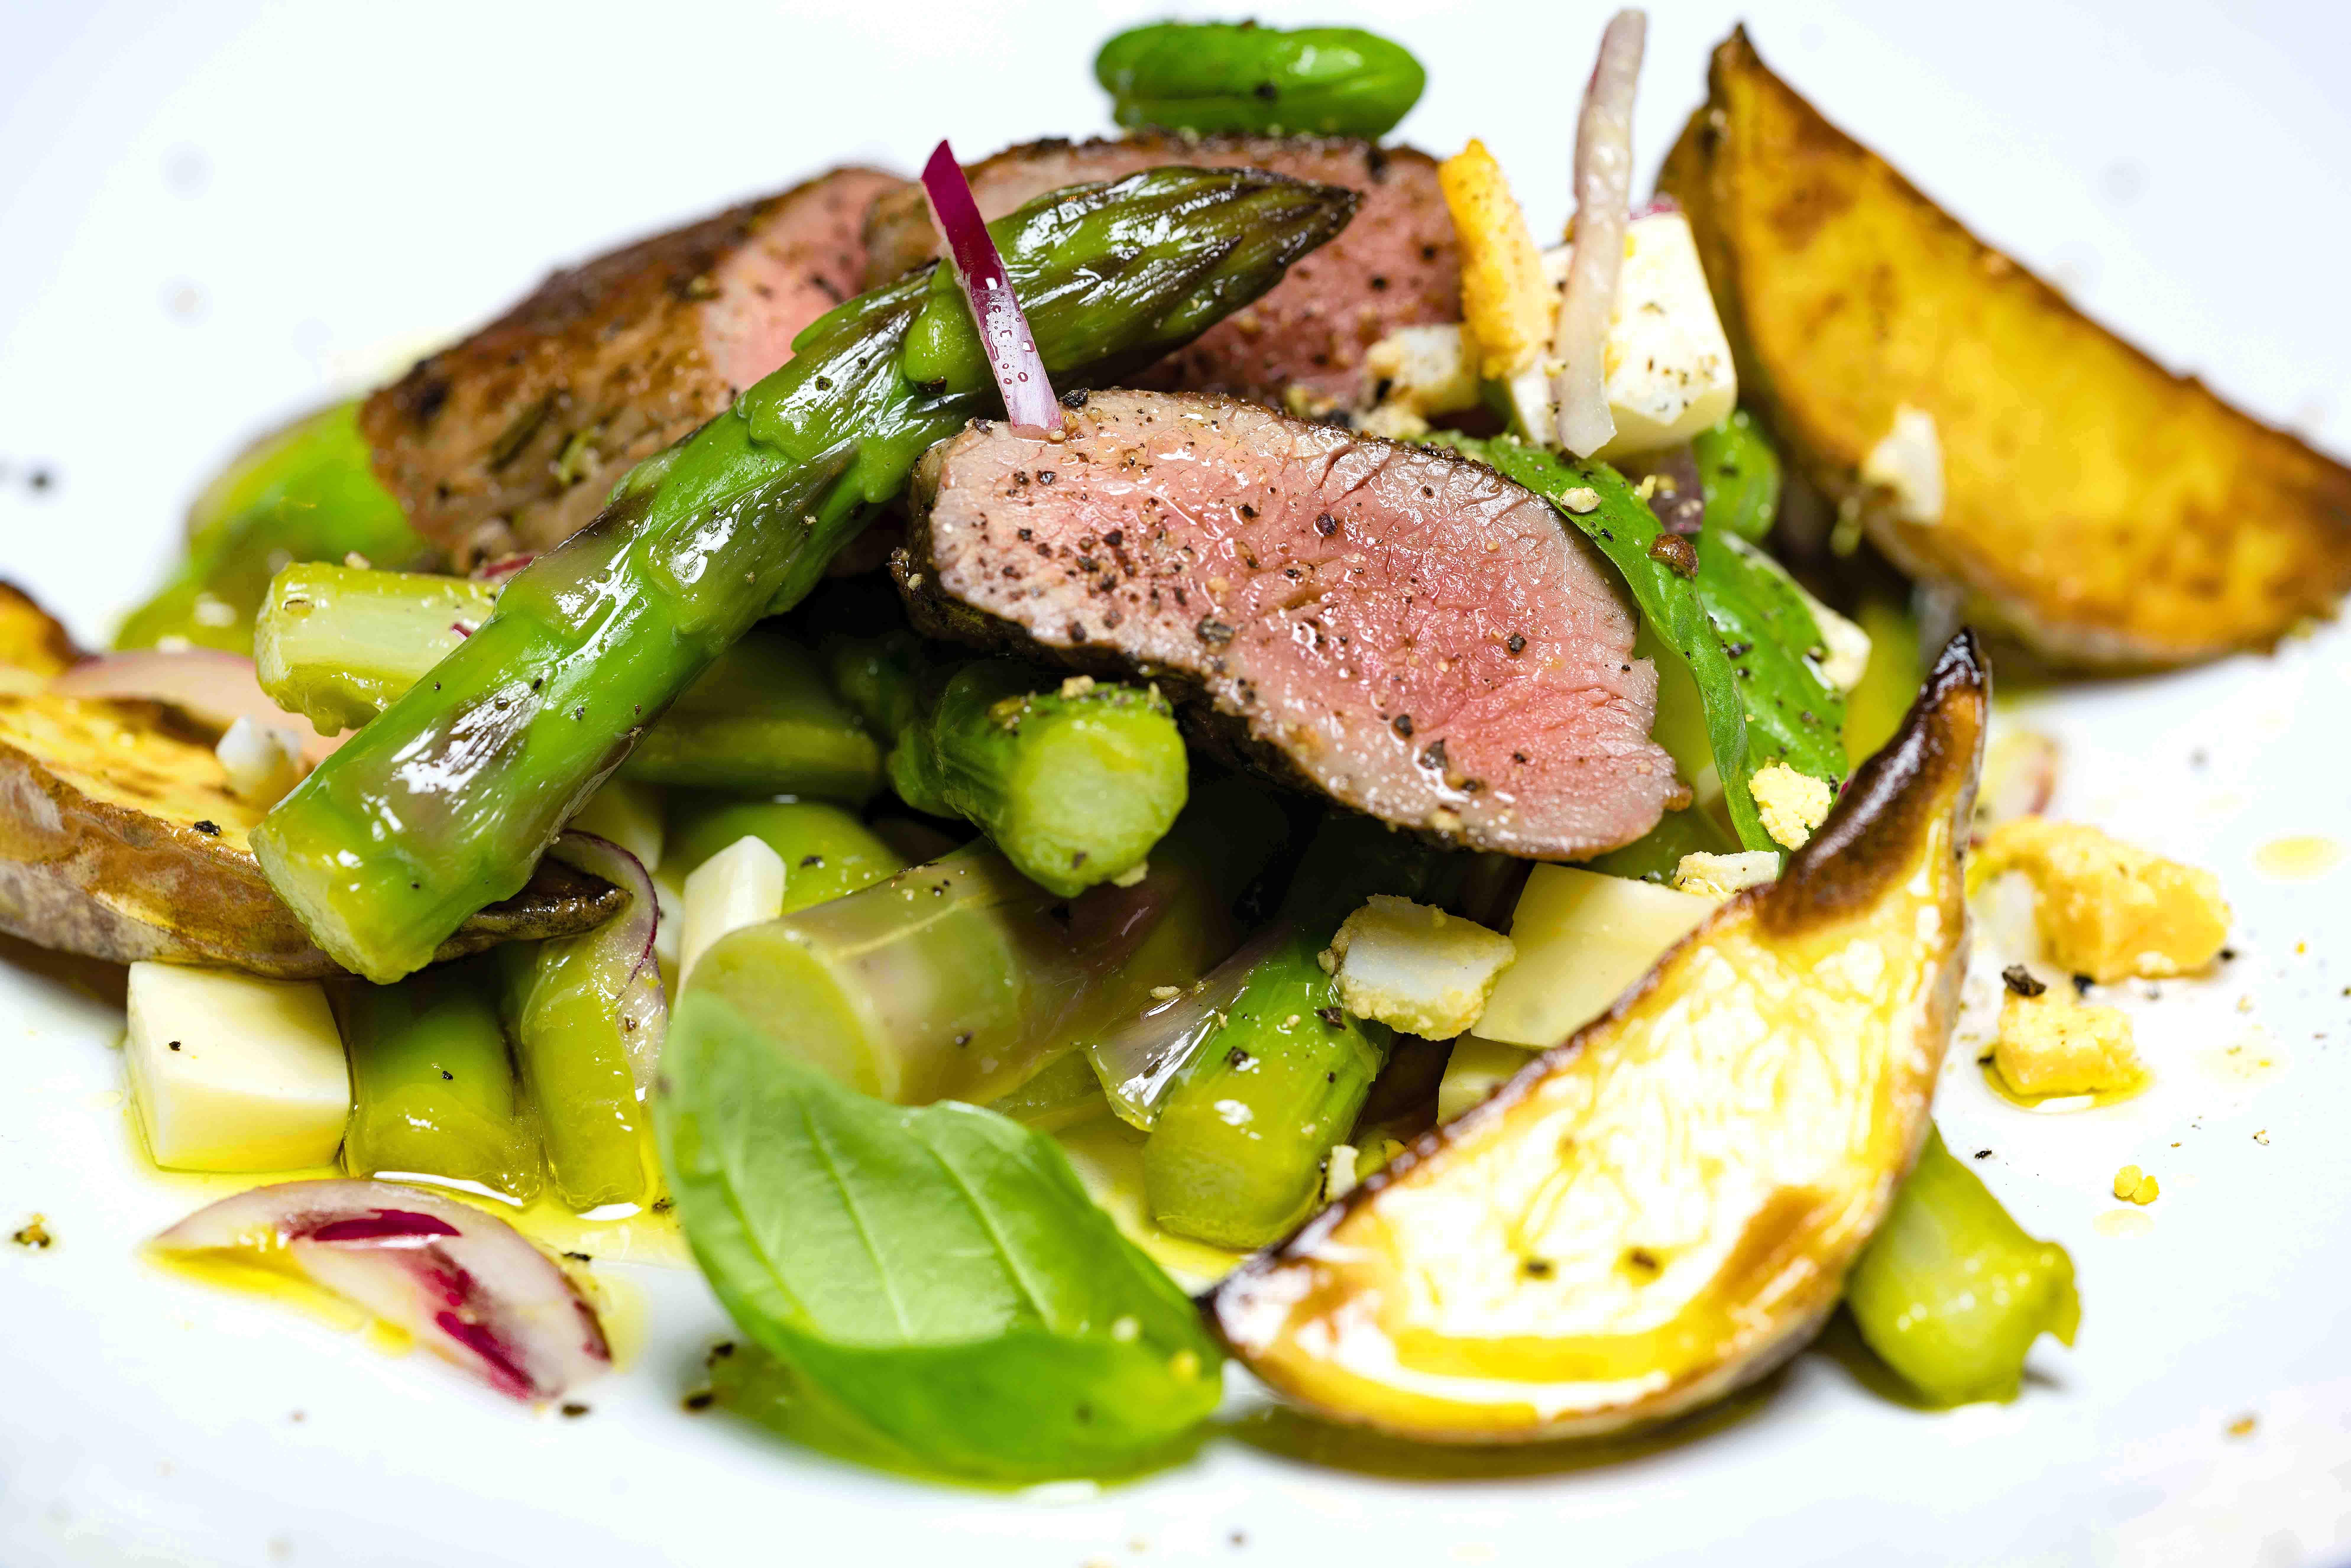 Gebratene Lamm-Lachse mit lauwarmen Spargel-Salat und gebackene Kartoffelspalten